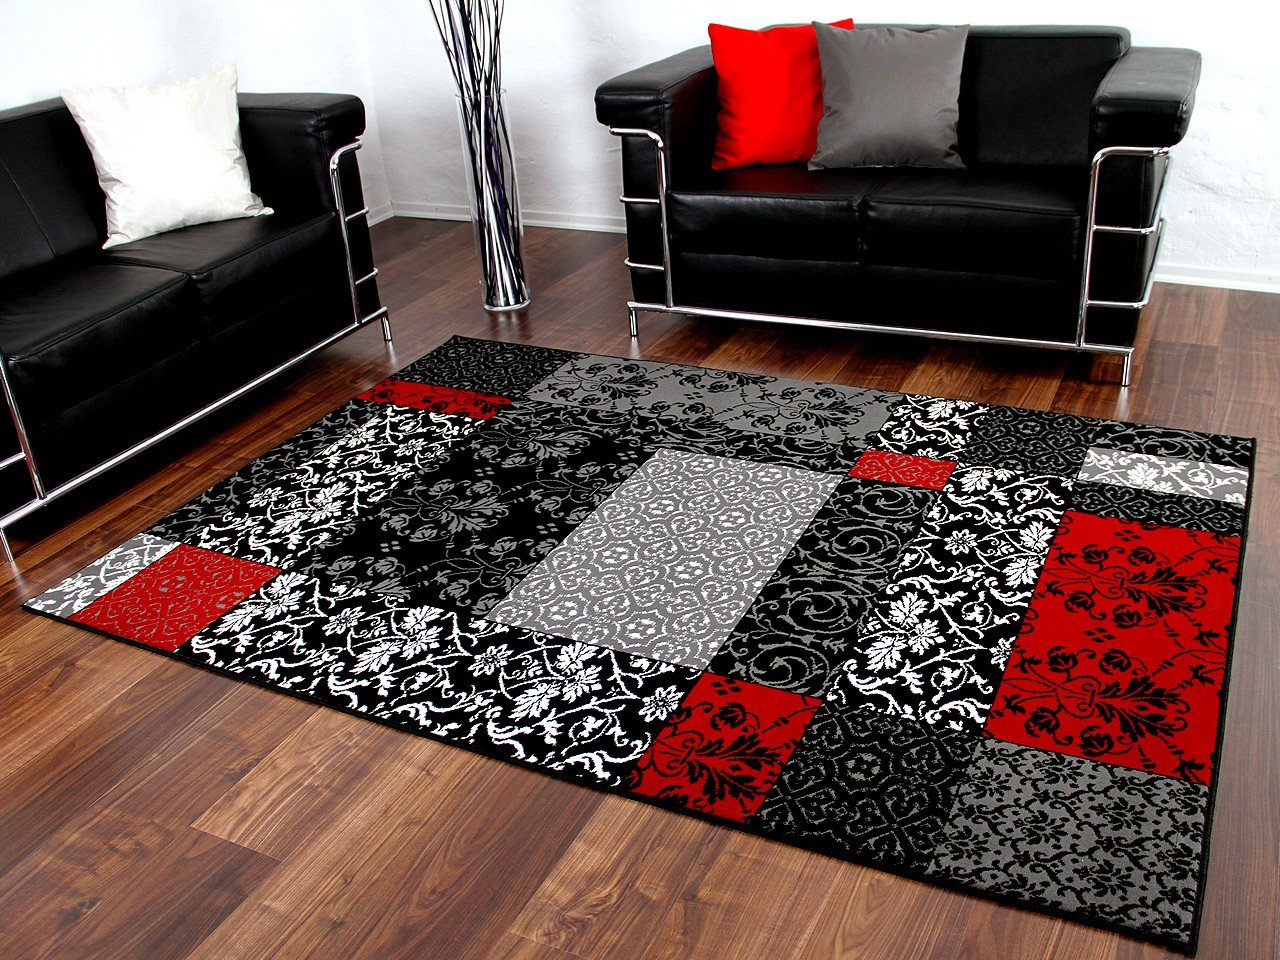 Atemberaubende ideen teppich weiß schwarz und schöne retro muster